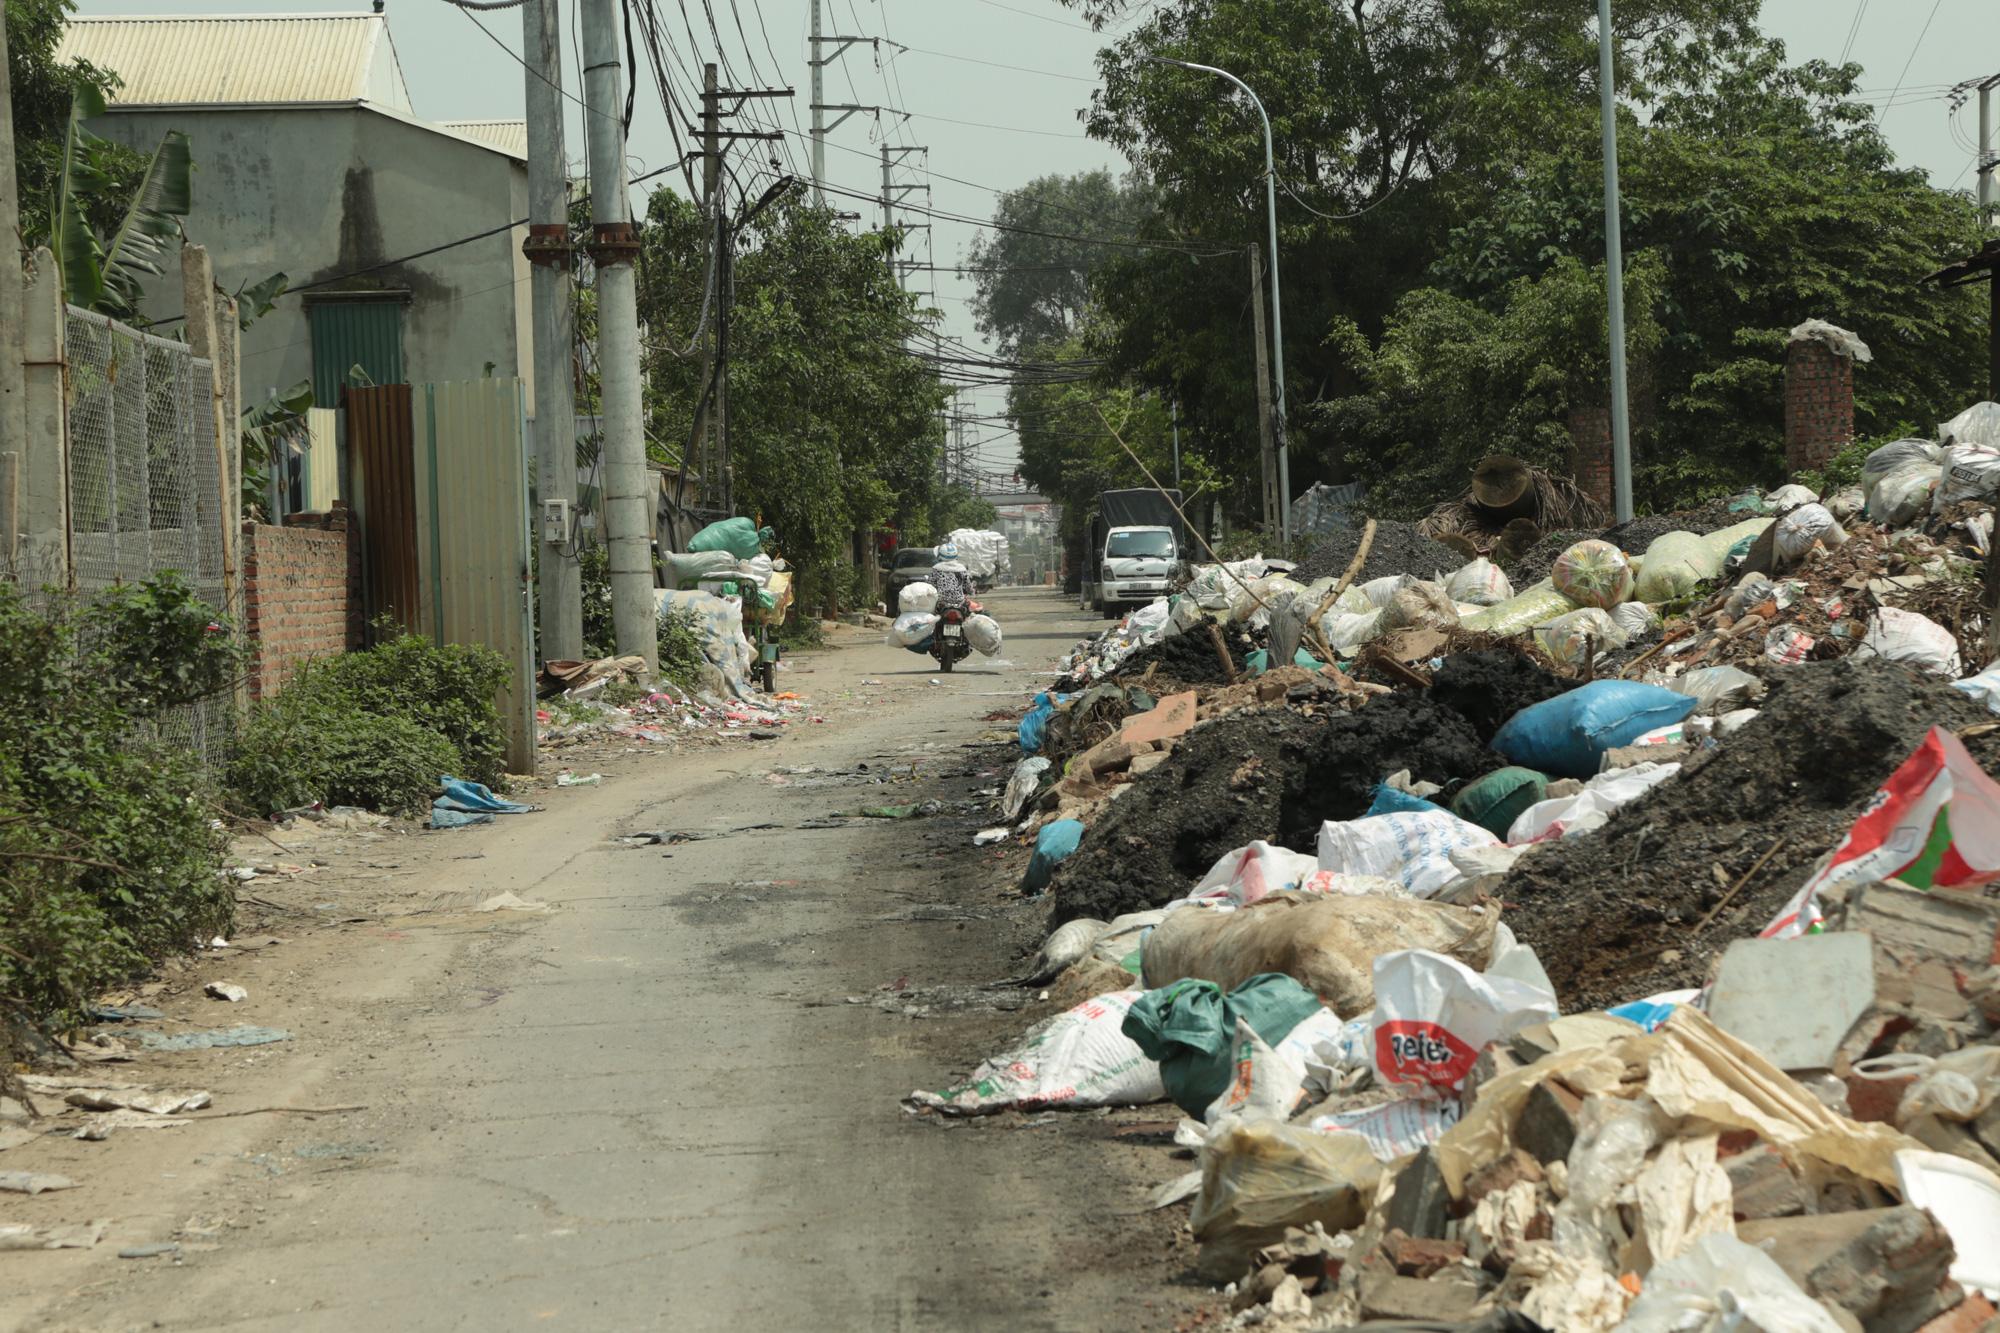 Cận cảnh tình trạng ô nhiễm khủng khiếp tại Hoài Đức, Hà Nội - Ảnh 15.